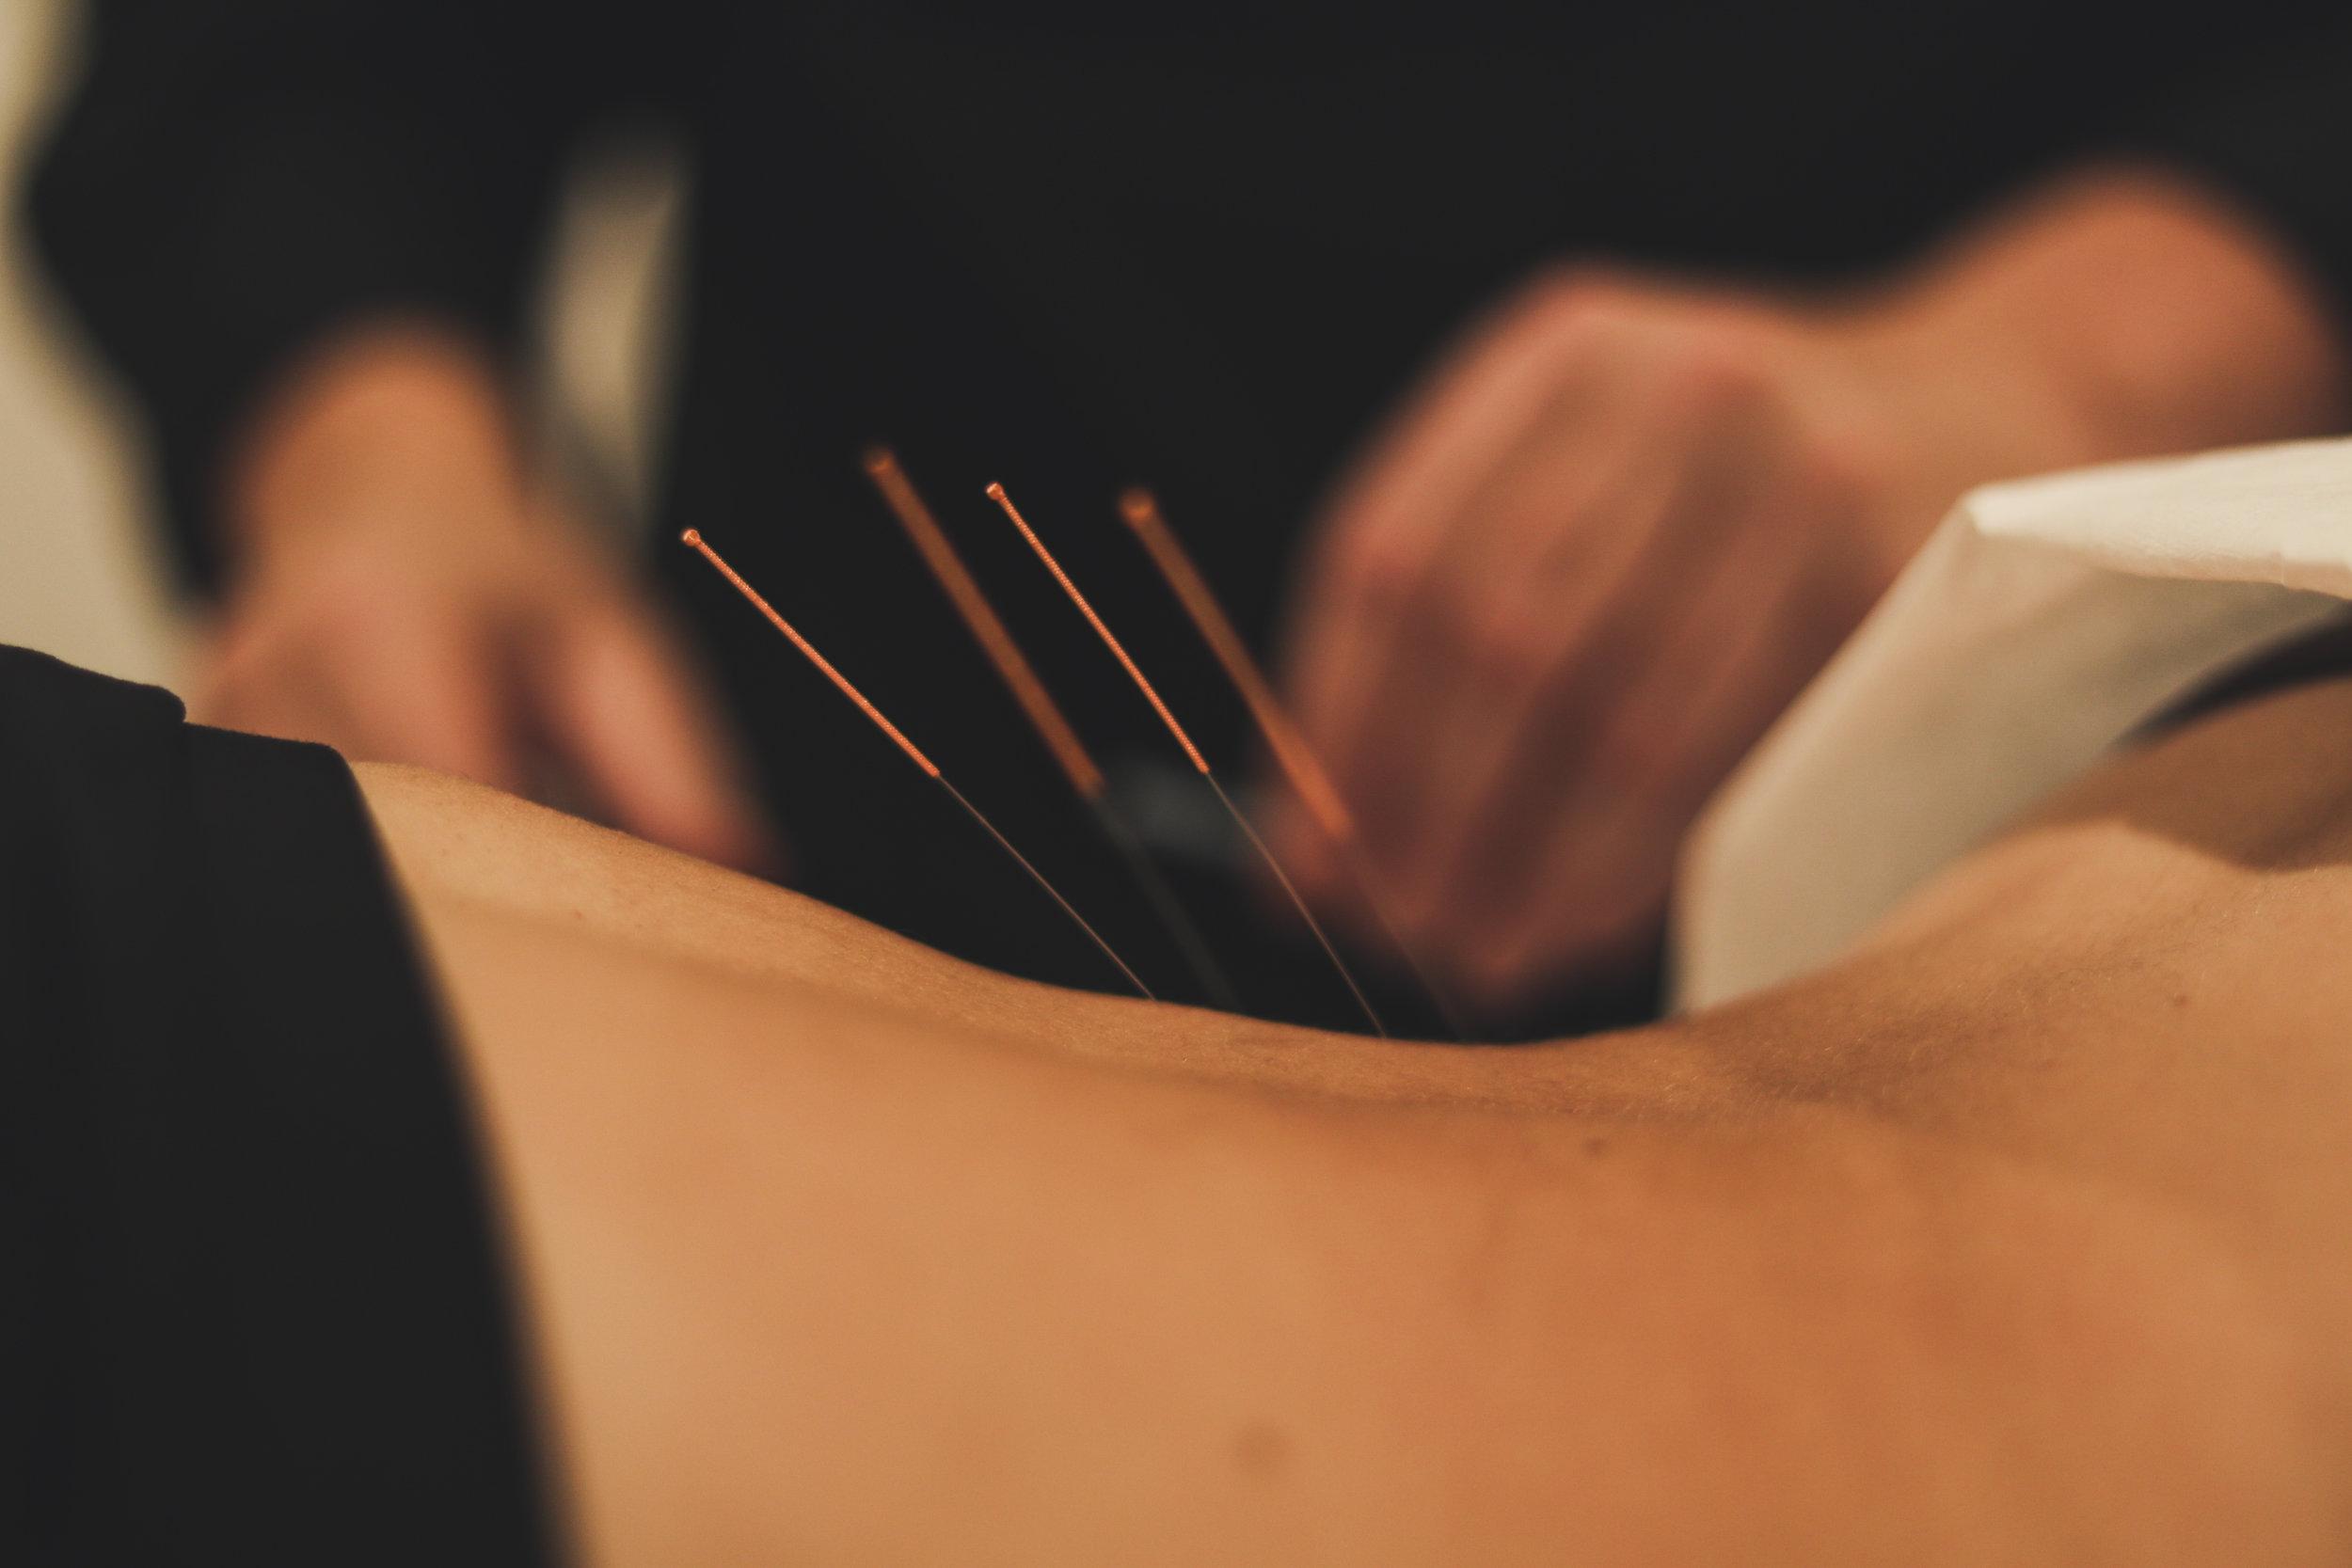 ACUPUNTURE - L'Acupuncture est un système thérapeutique dont les origines historiques sont très liées avec la tradition médicale chinoise. L'acupuncture consiste en une stimulation de zones précises de l'épiderme. Les techniques de stimulation des points d'acupuncture sont effectuées avec des moyens divers : des aiguilles le plus souvent, mais aussi d'autres moyens physiques (mécaniques, électriques, magnétiques, thermiques, lumineux) ou physico-chimiques.